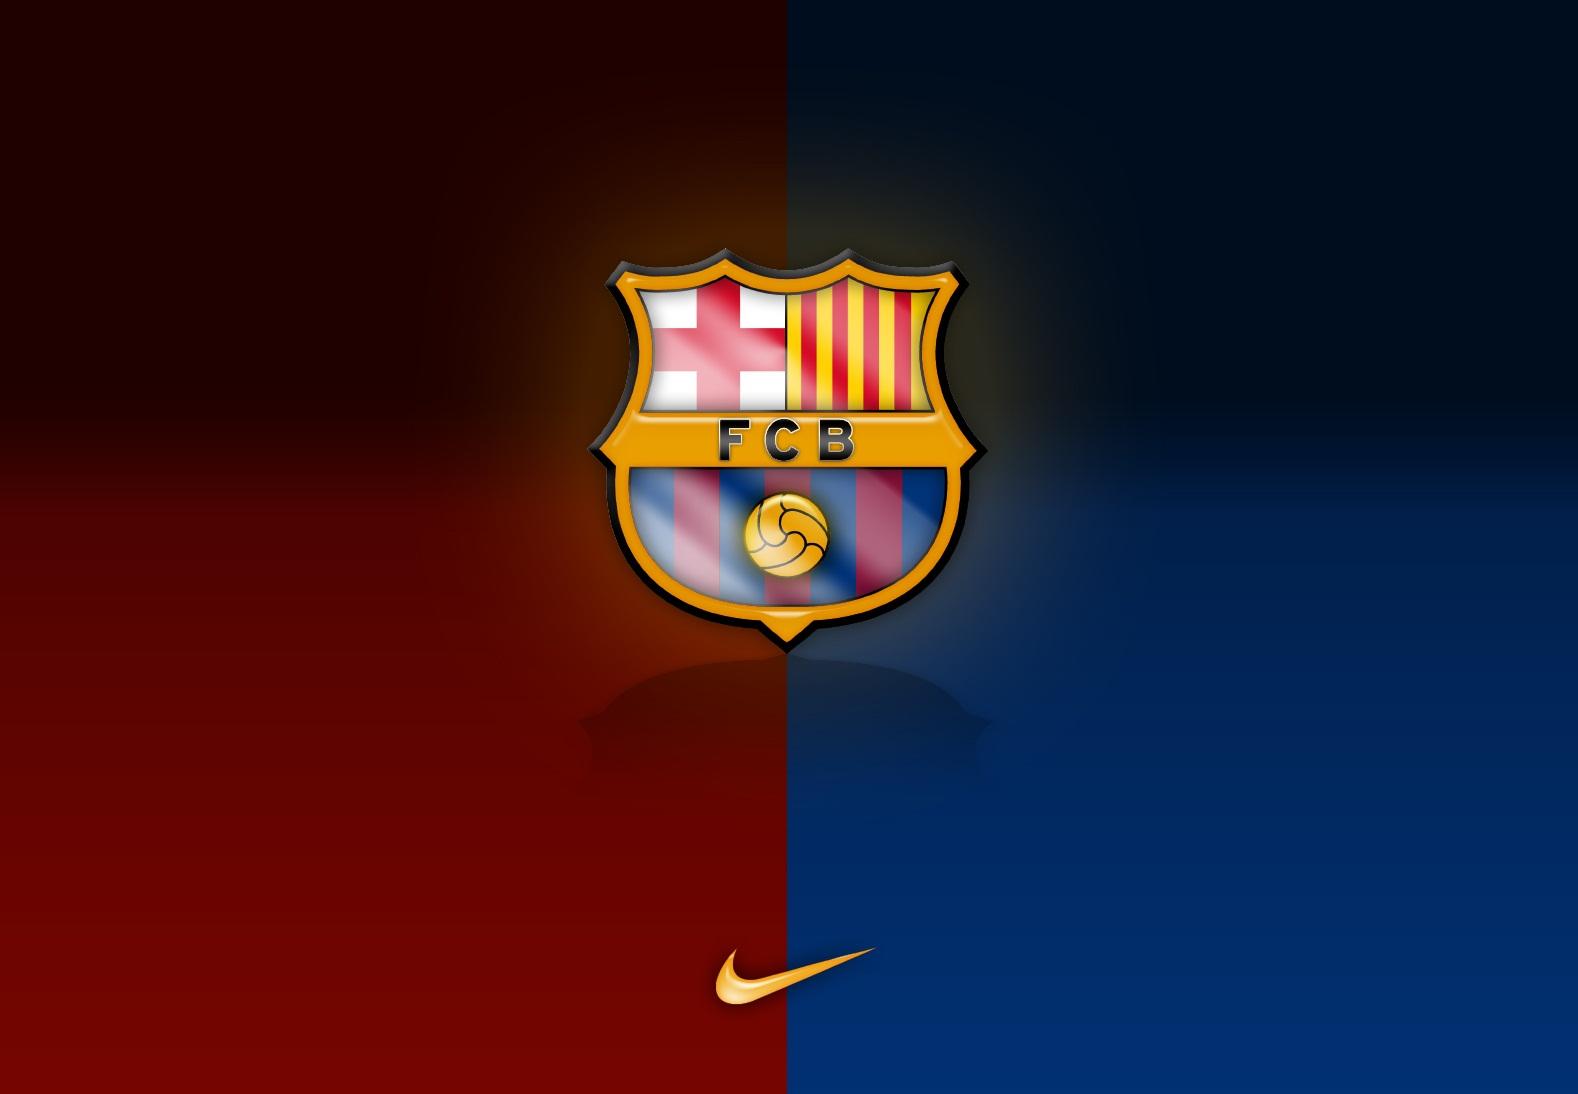 http://1.bp.blogspot.com/-NtYuEDLqKMY/UXVXvYOms-I/AAAAAAAAB4s/vT2T79sGUWo/s1600/Barcelona+HD+Wallpaper+2013-2014+03.jpg